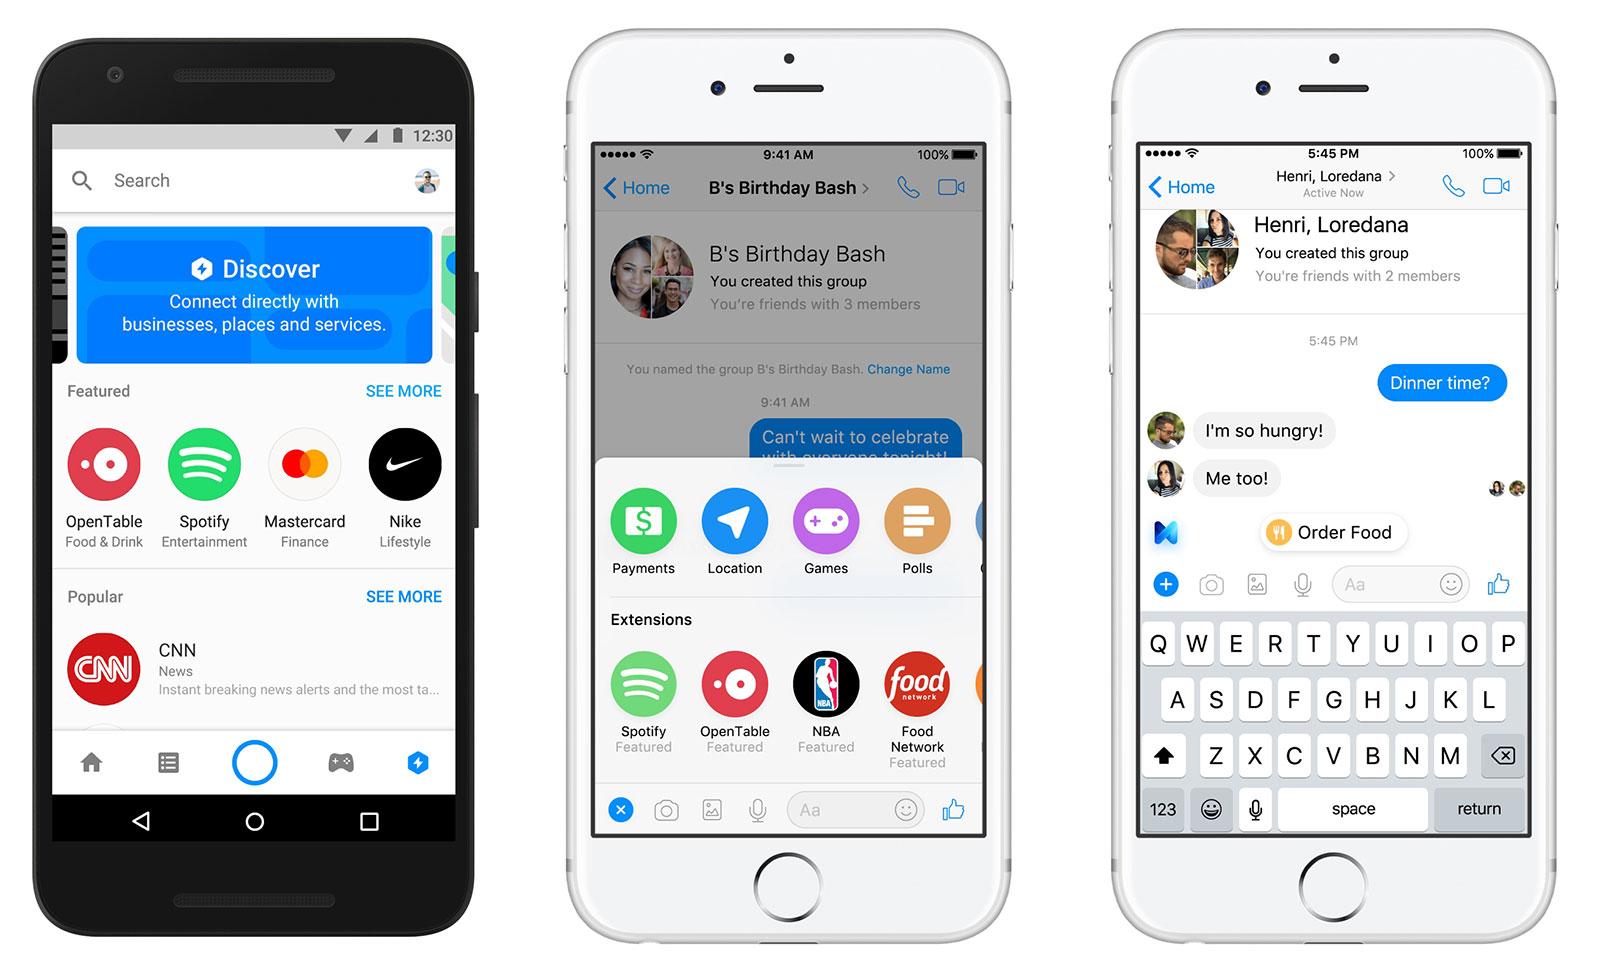 Te contamos las novedades de Facebook Messenger en 6 puntos clave